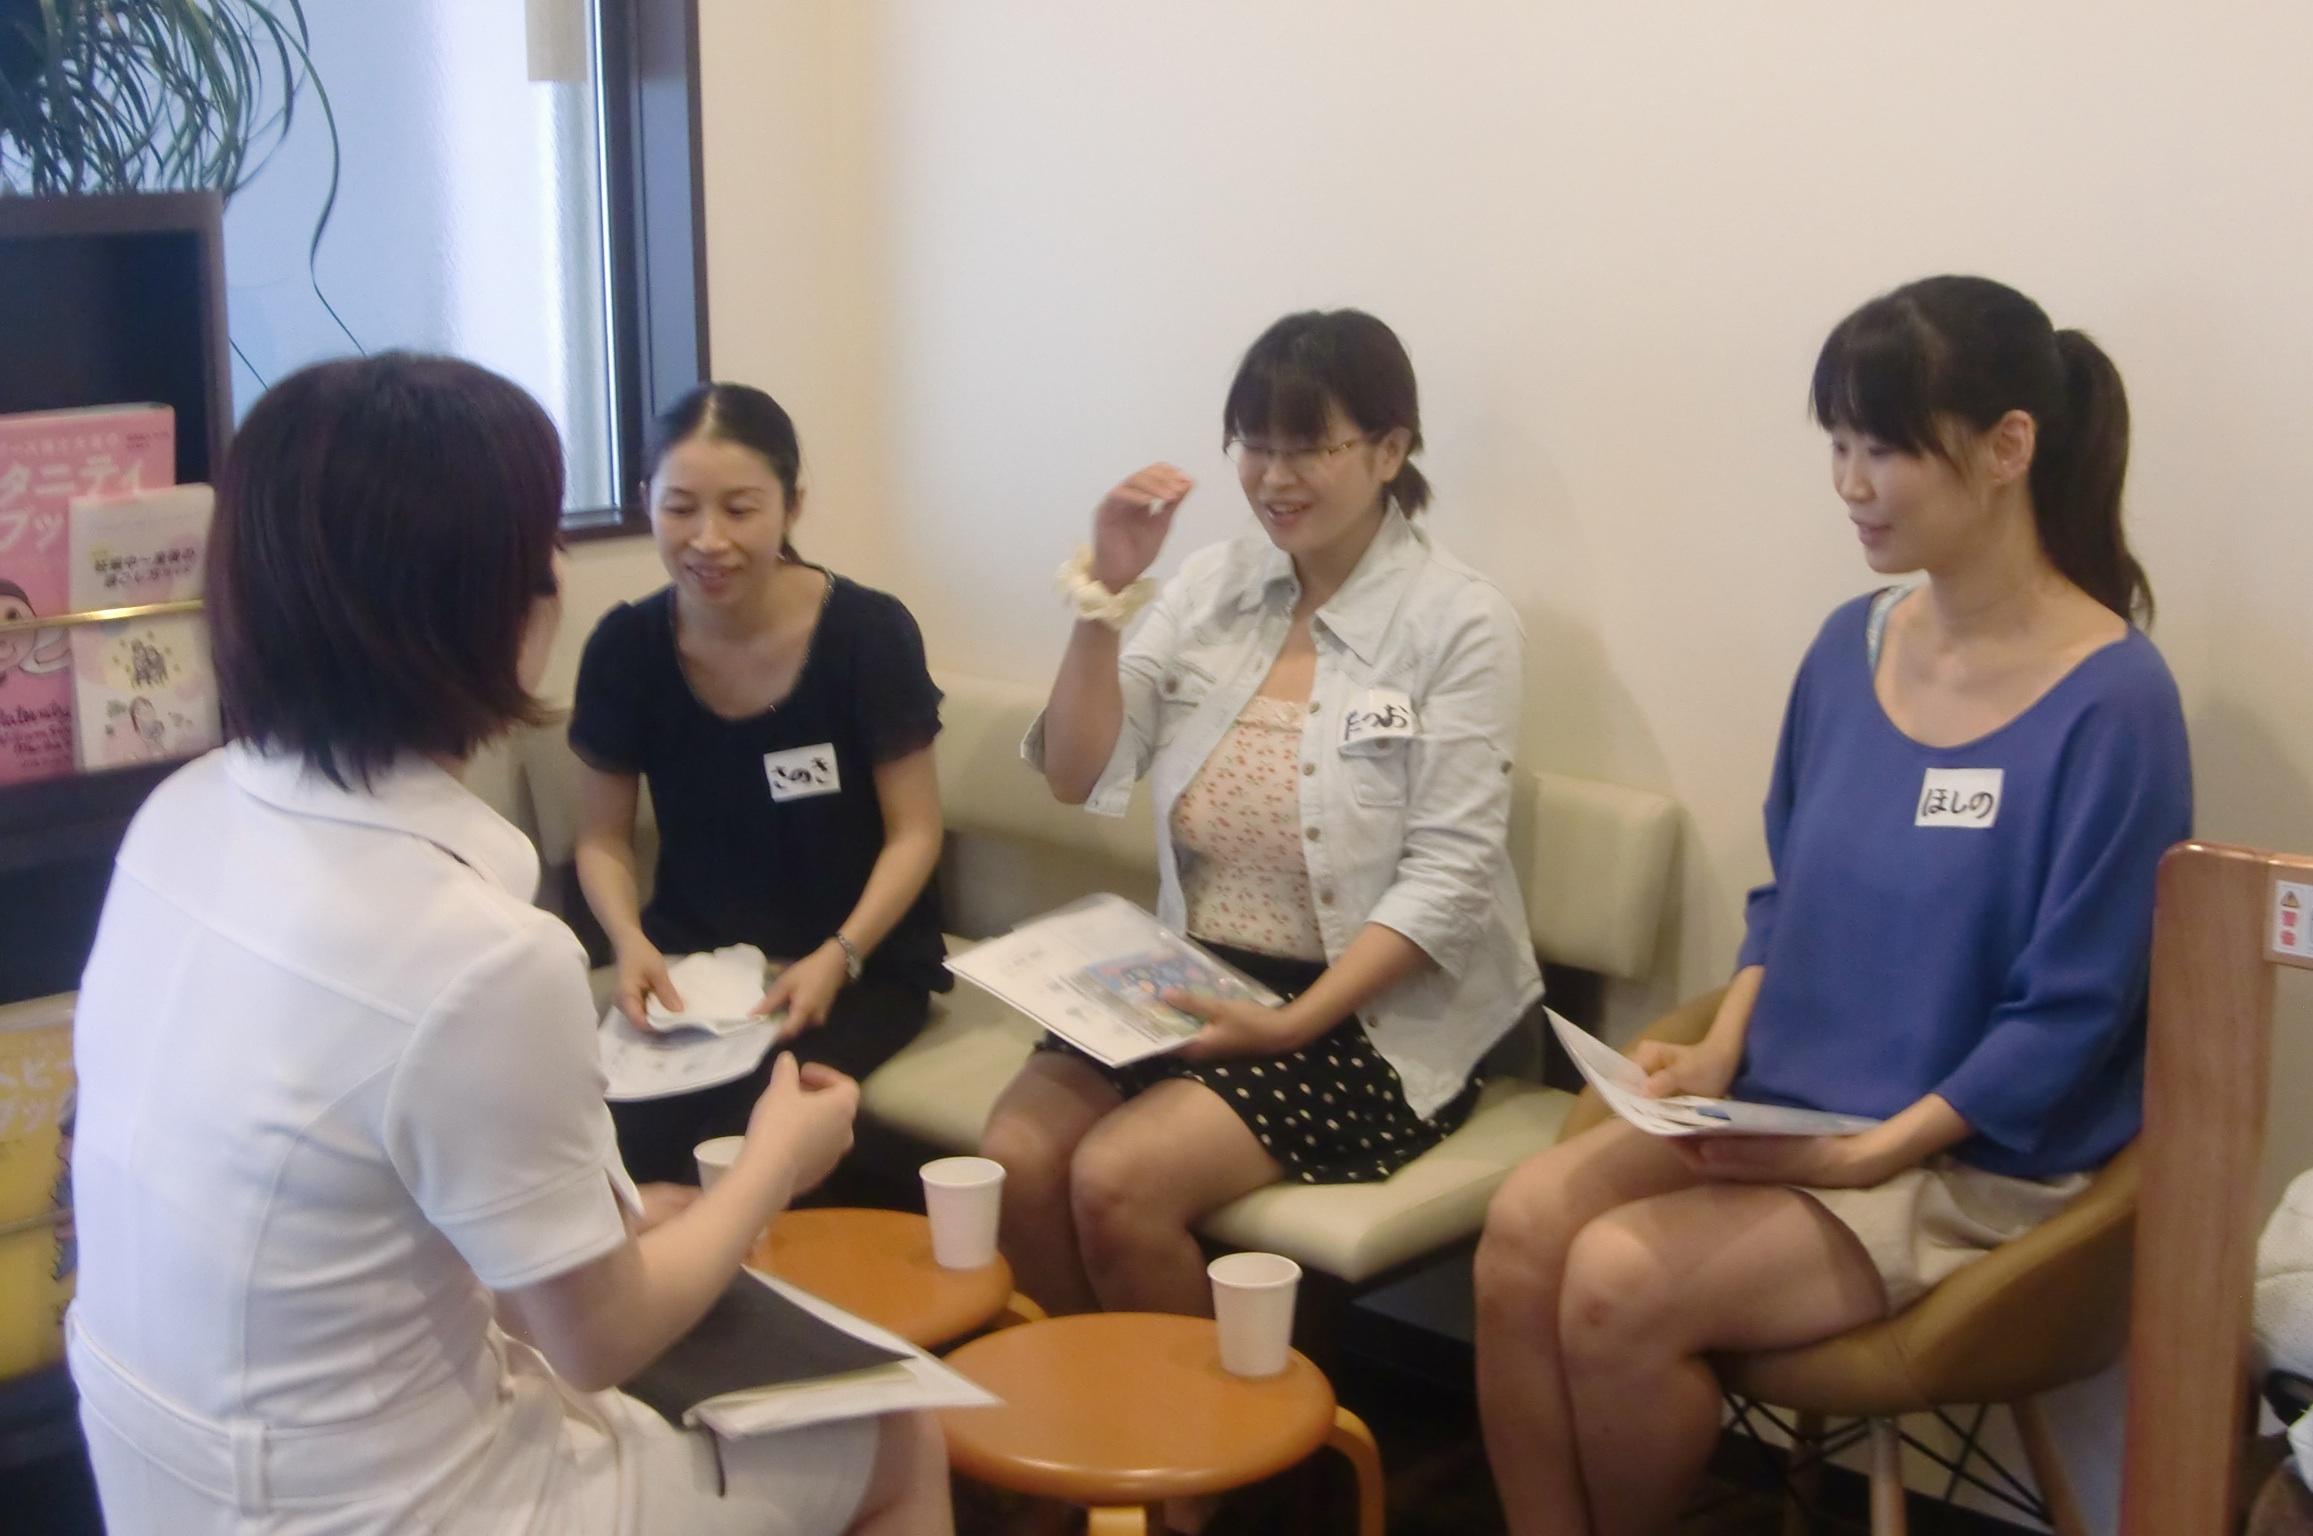 image ママ会のおしらせ | みつばちこども漢方クリニックのブログ ママ会のおしらせ 恒例の